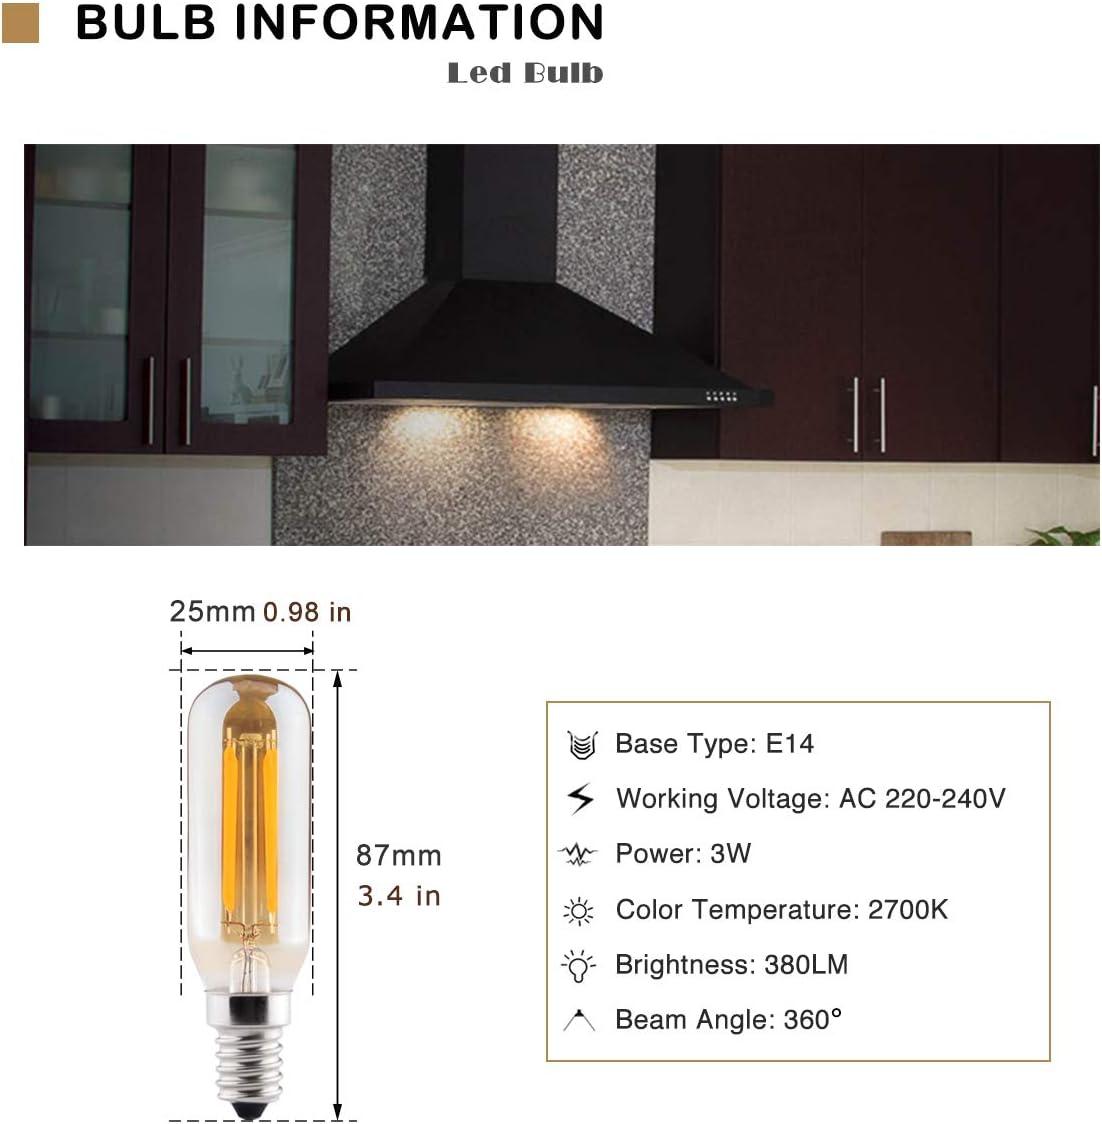 E14 Bombilla Led Luz Calida 2700K 3W, Reemplaza Edison Bulbs 40W, B4U Bombillas Vintage Lámpara Duradera de Ahorro de Energía, Para Cocinar, Lámparas de Mesa, Apliques, 2 Piezas: Amazon.es: Iluminación